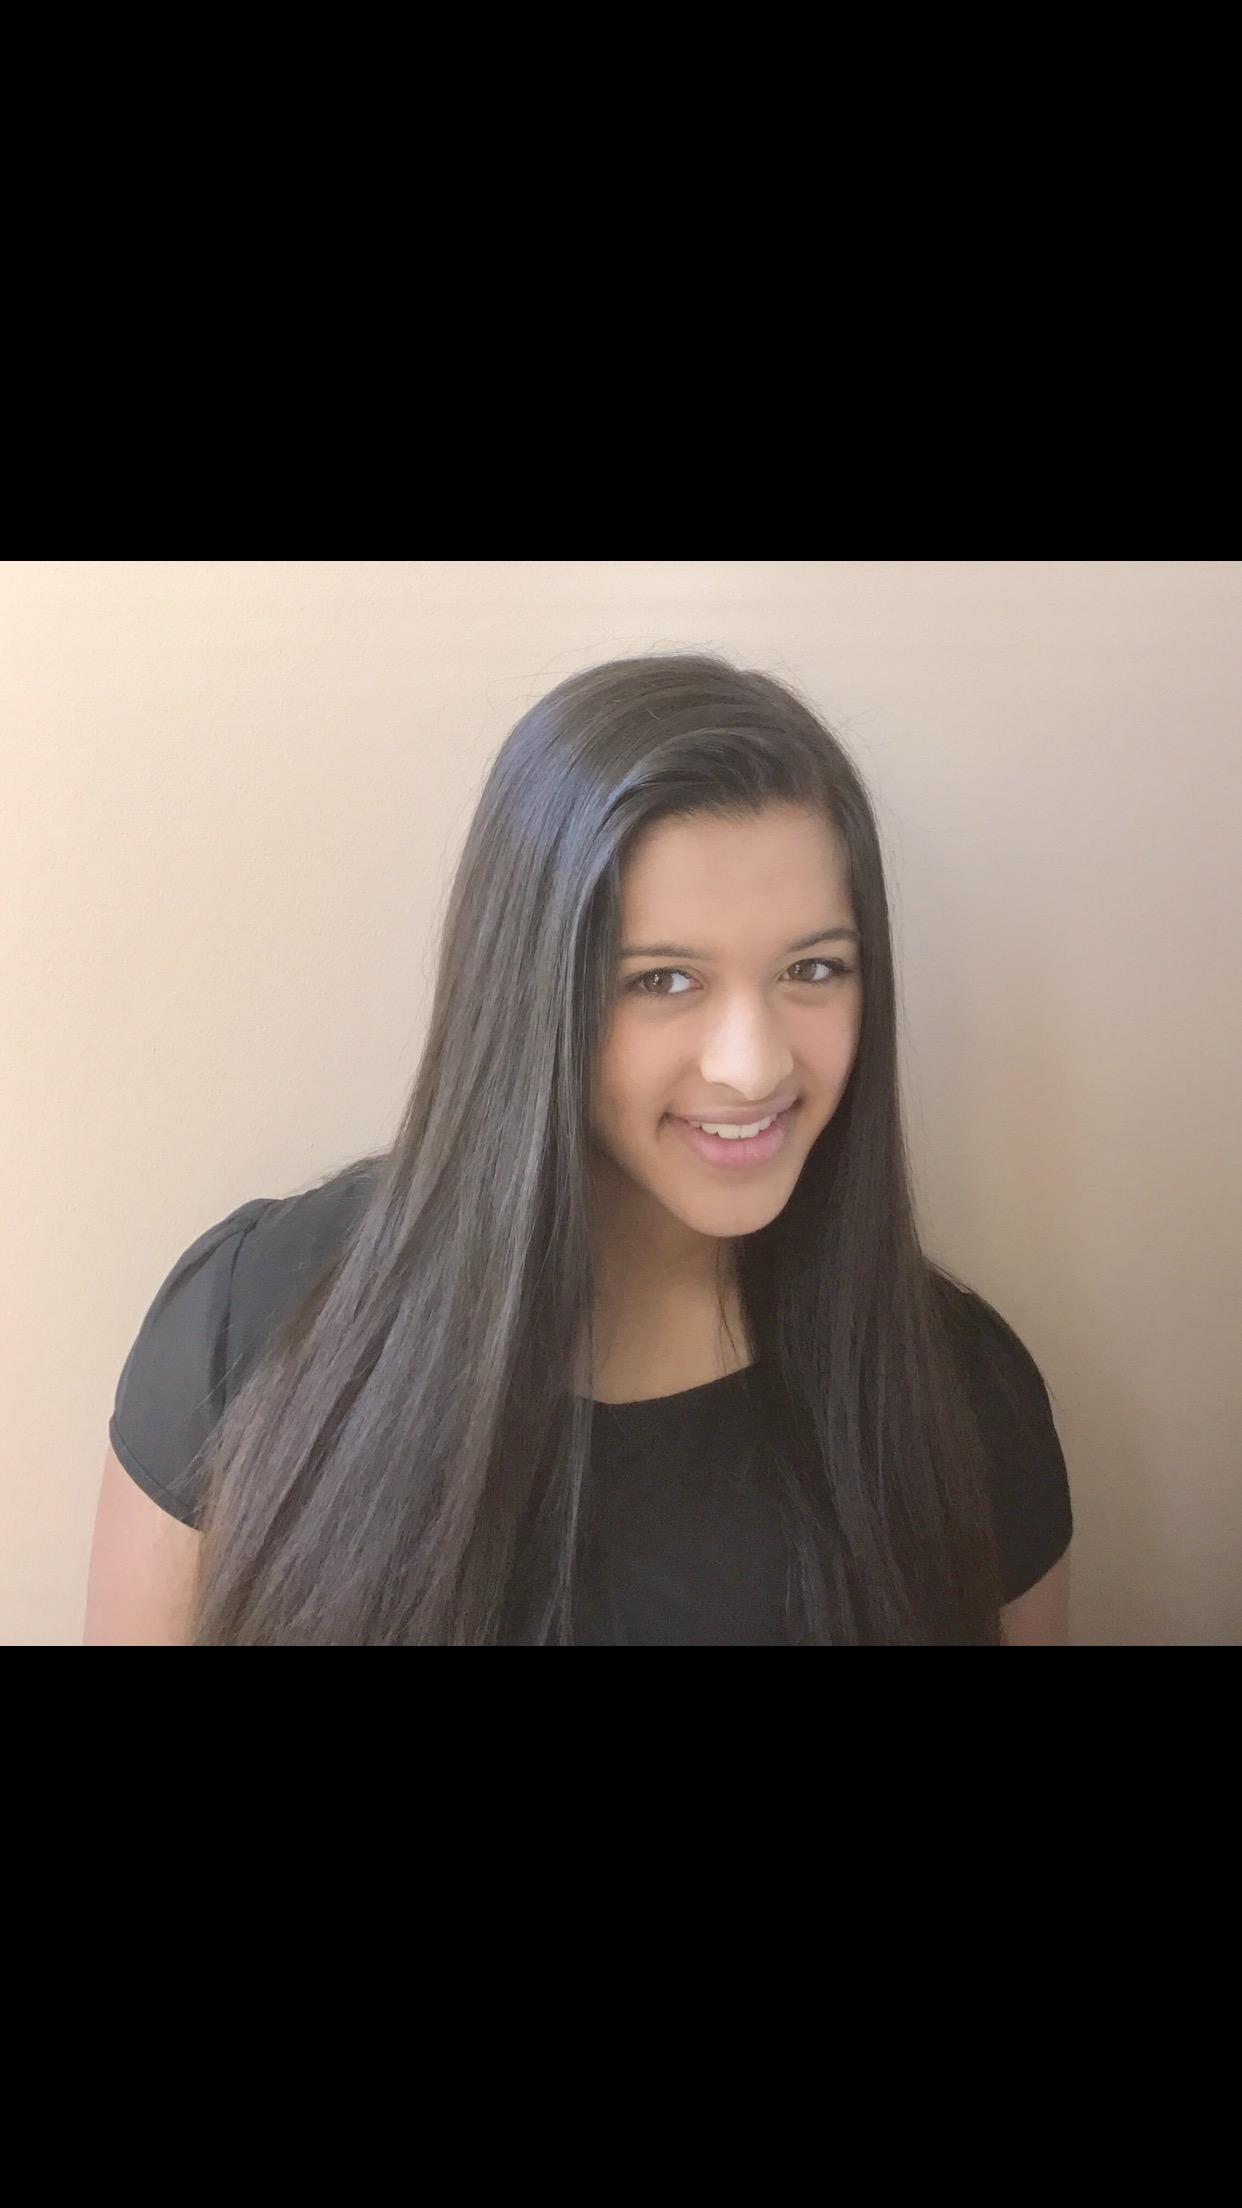 Ariana deSa-Frias